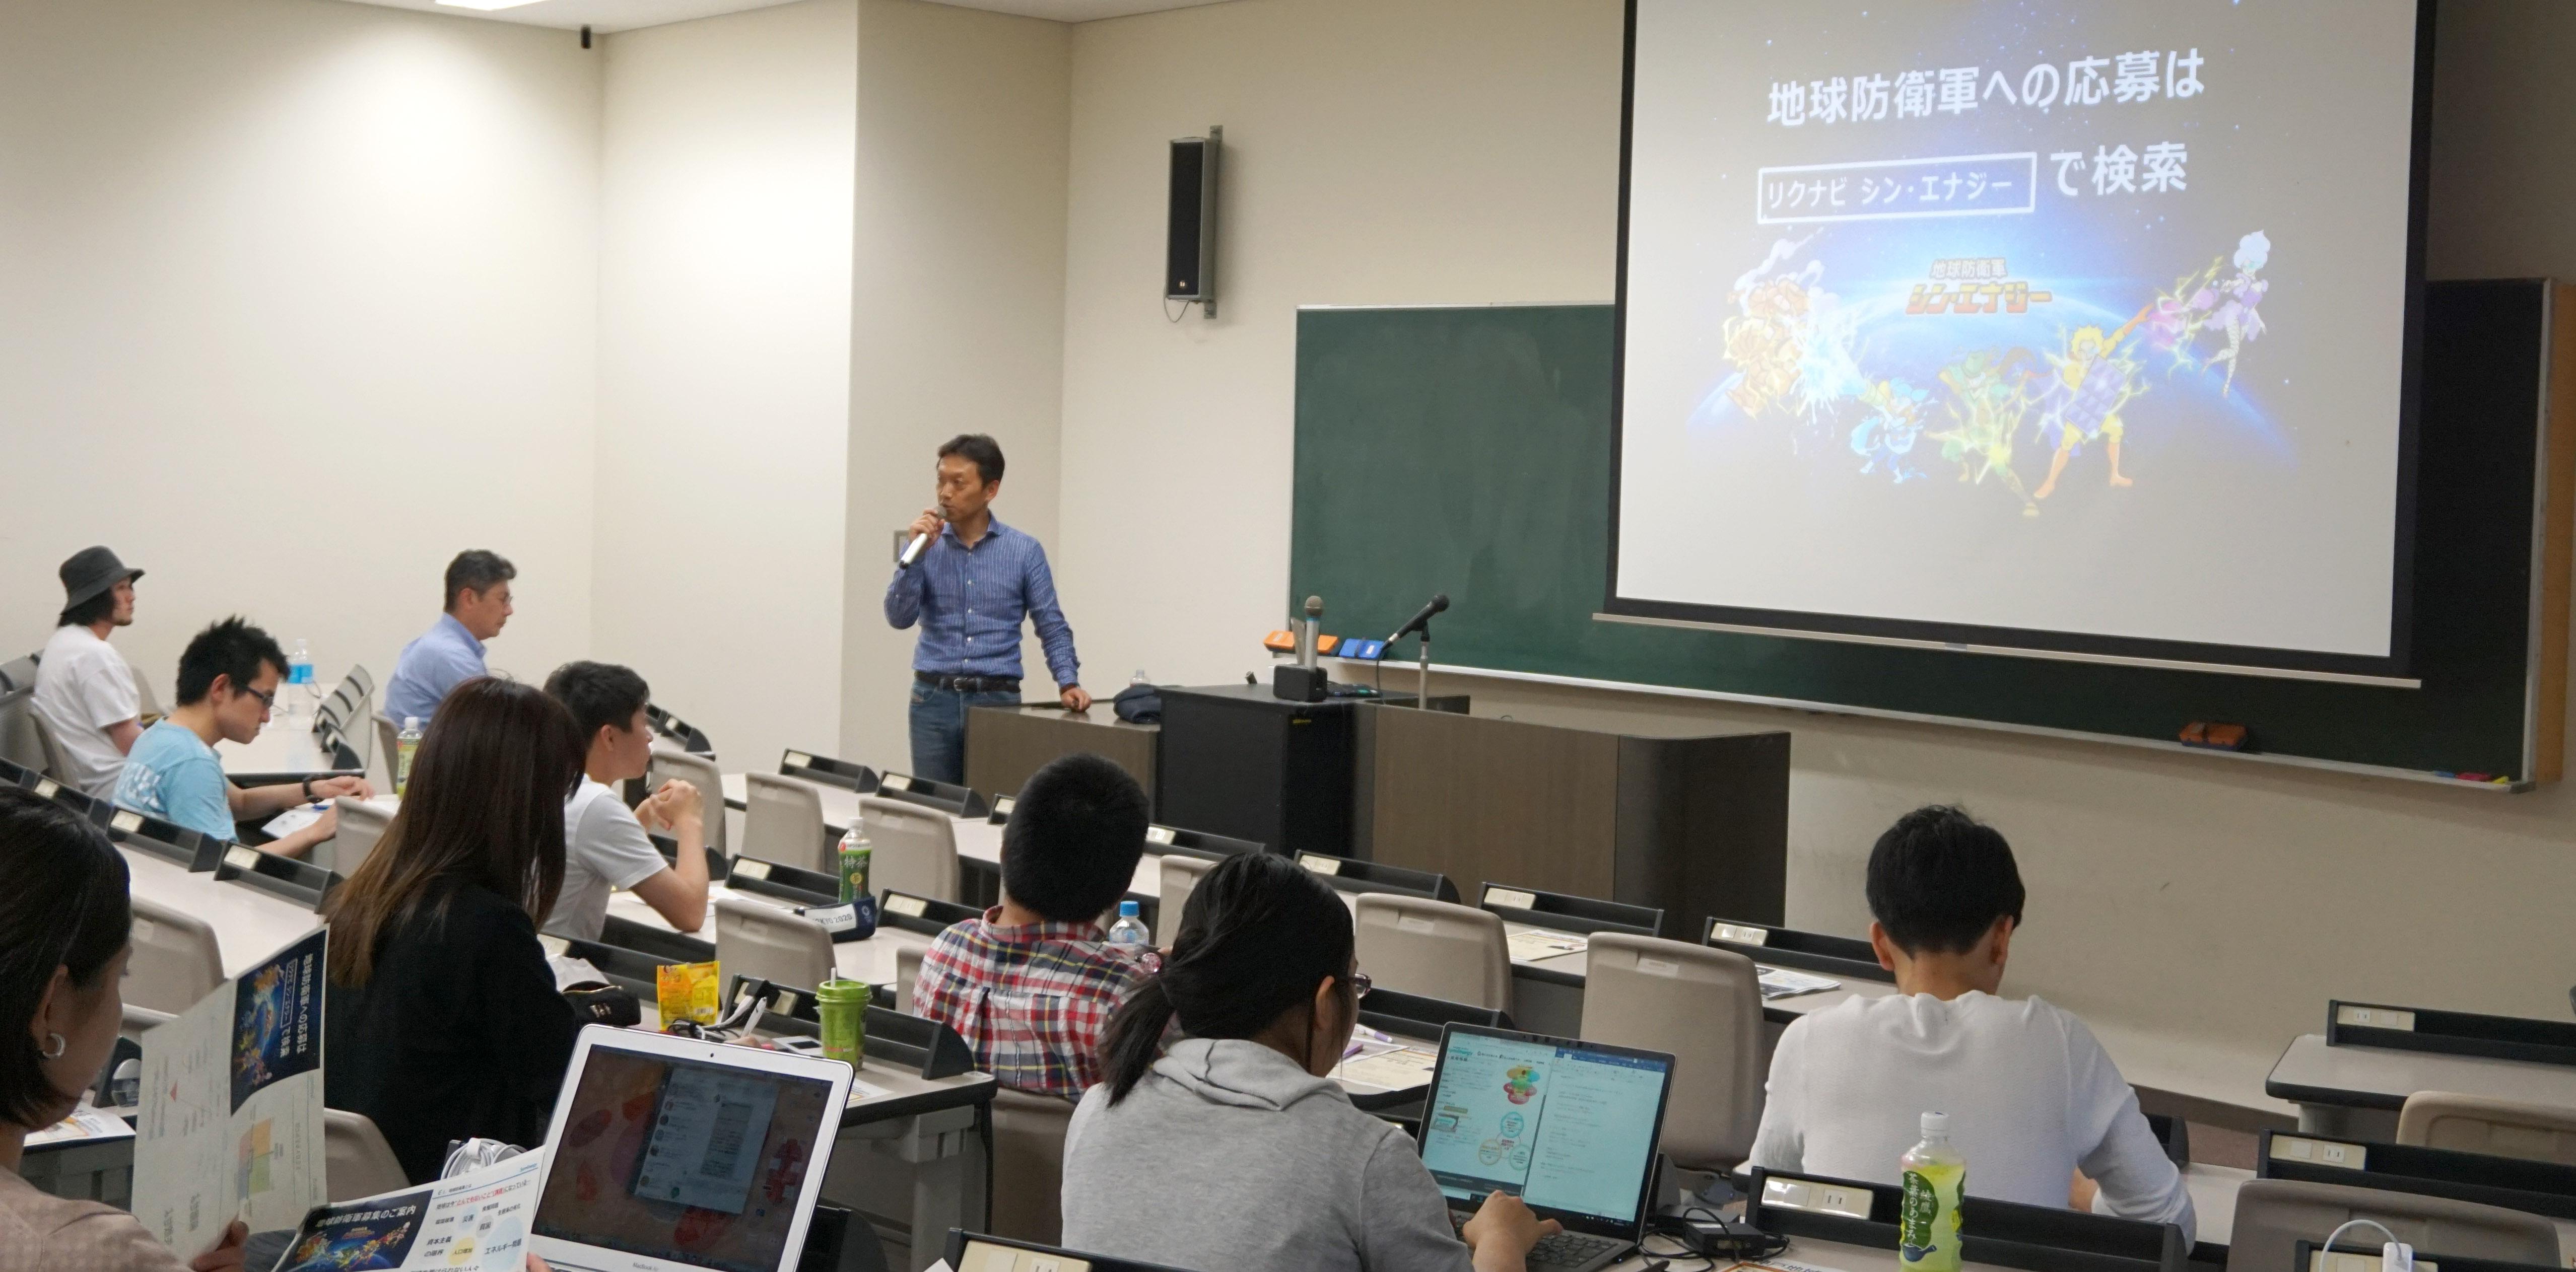 神戸新聞・神戸大学の「地域連携講座」で講演